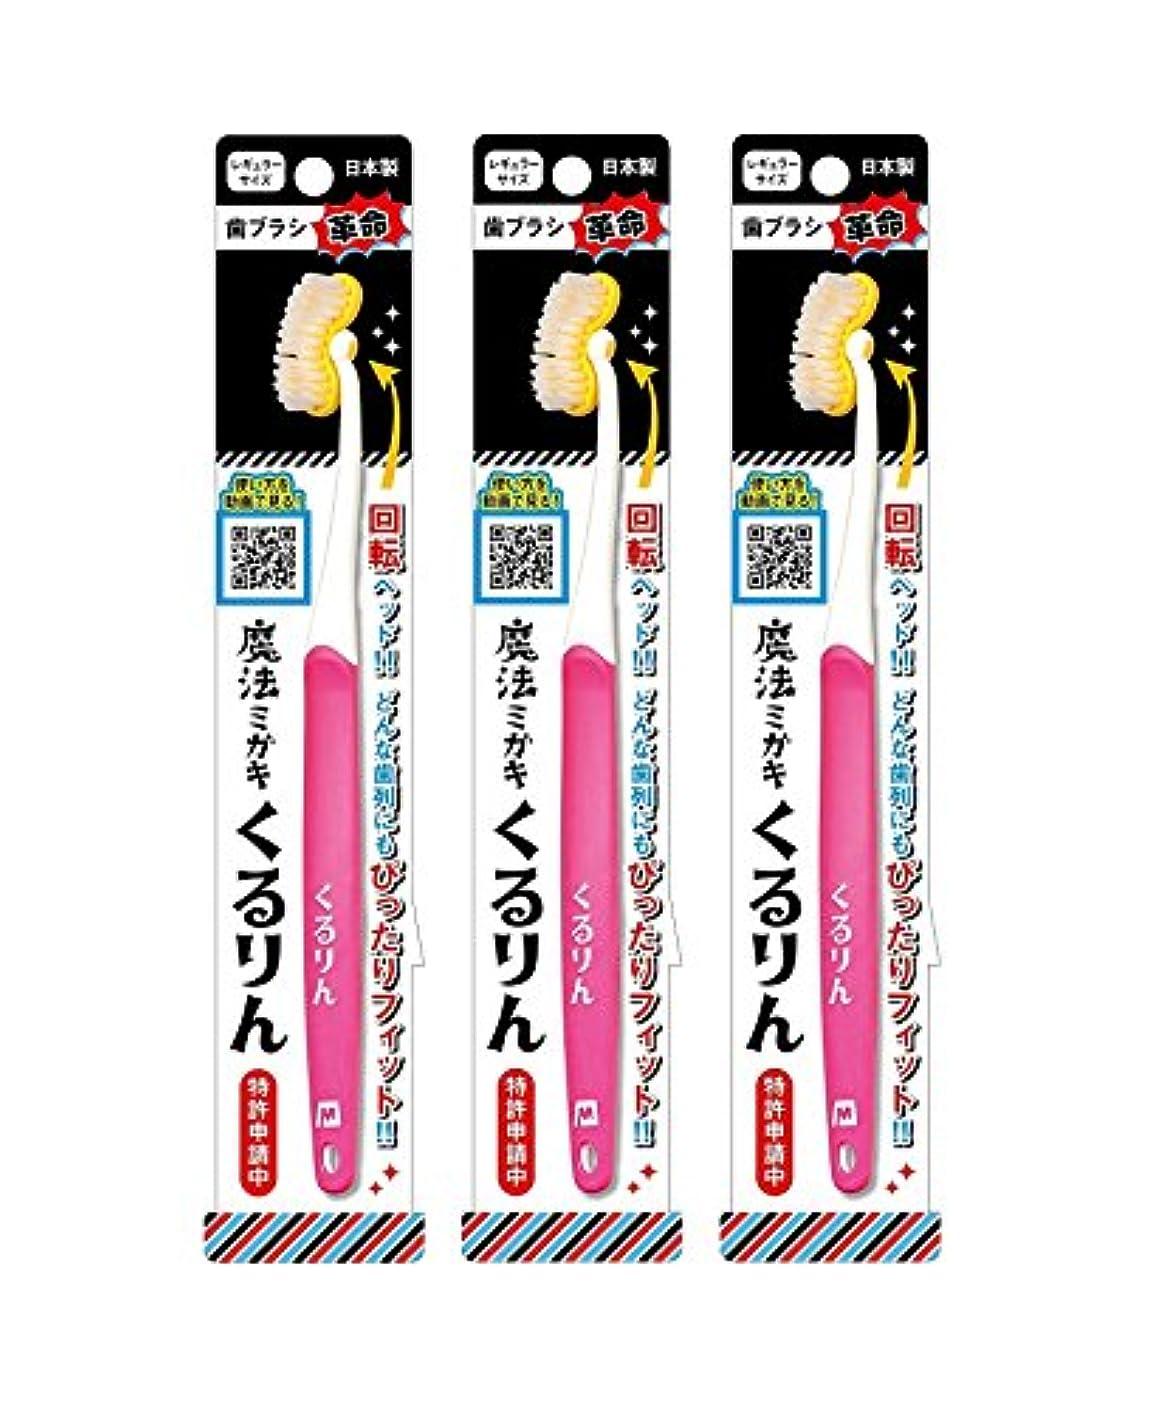 微生物レーニン主義主観的歯ブラシ革命 魔法ミガキくるりん MM-150 ピンク 3本セット